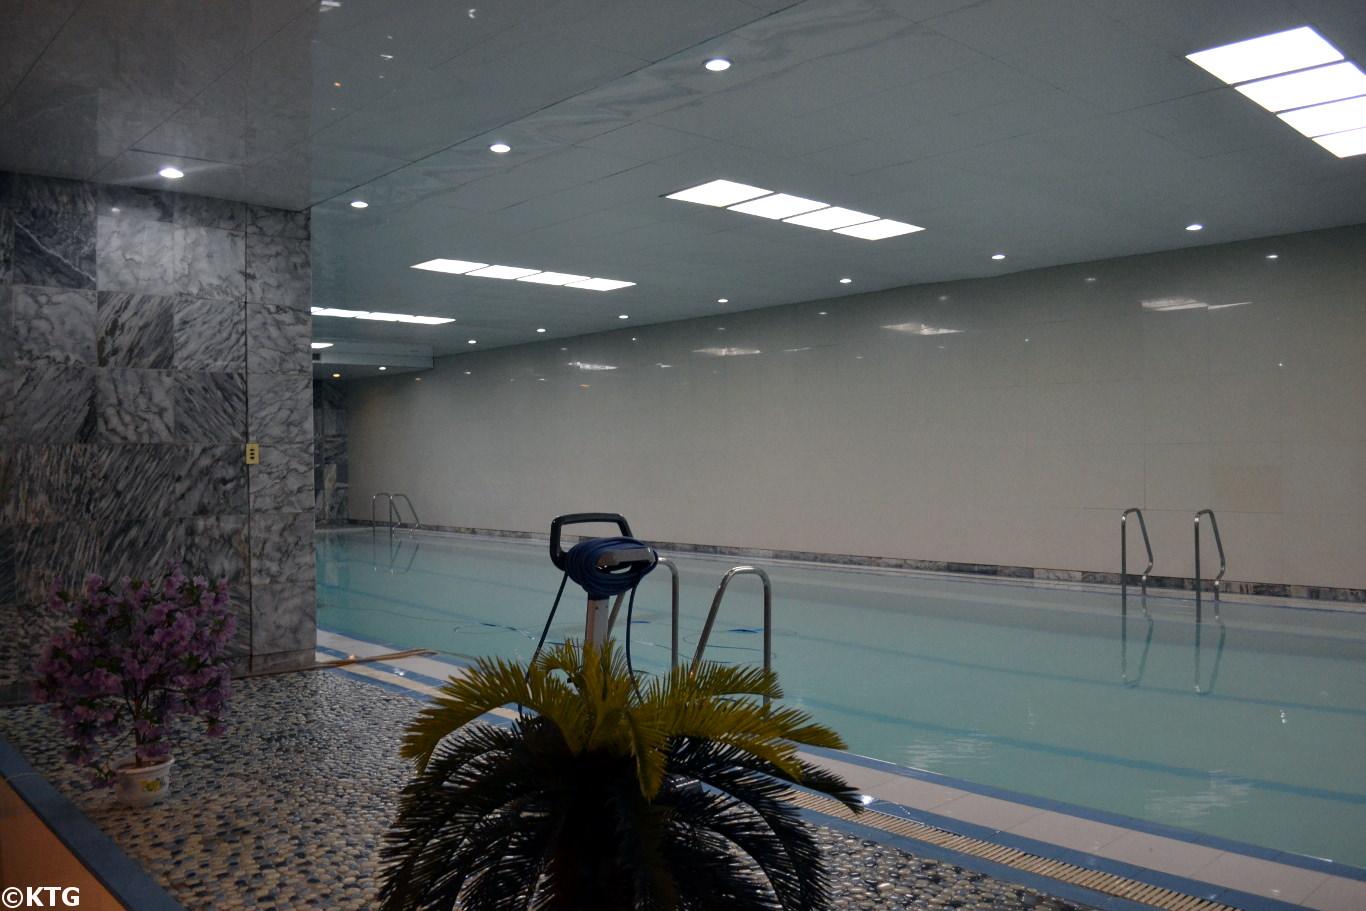 Swimming pool at the Yanggakdo Hotel, Pyongyang, North Korea